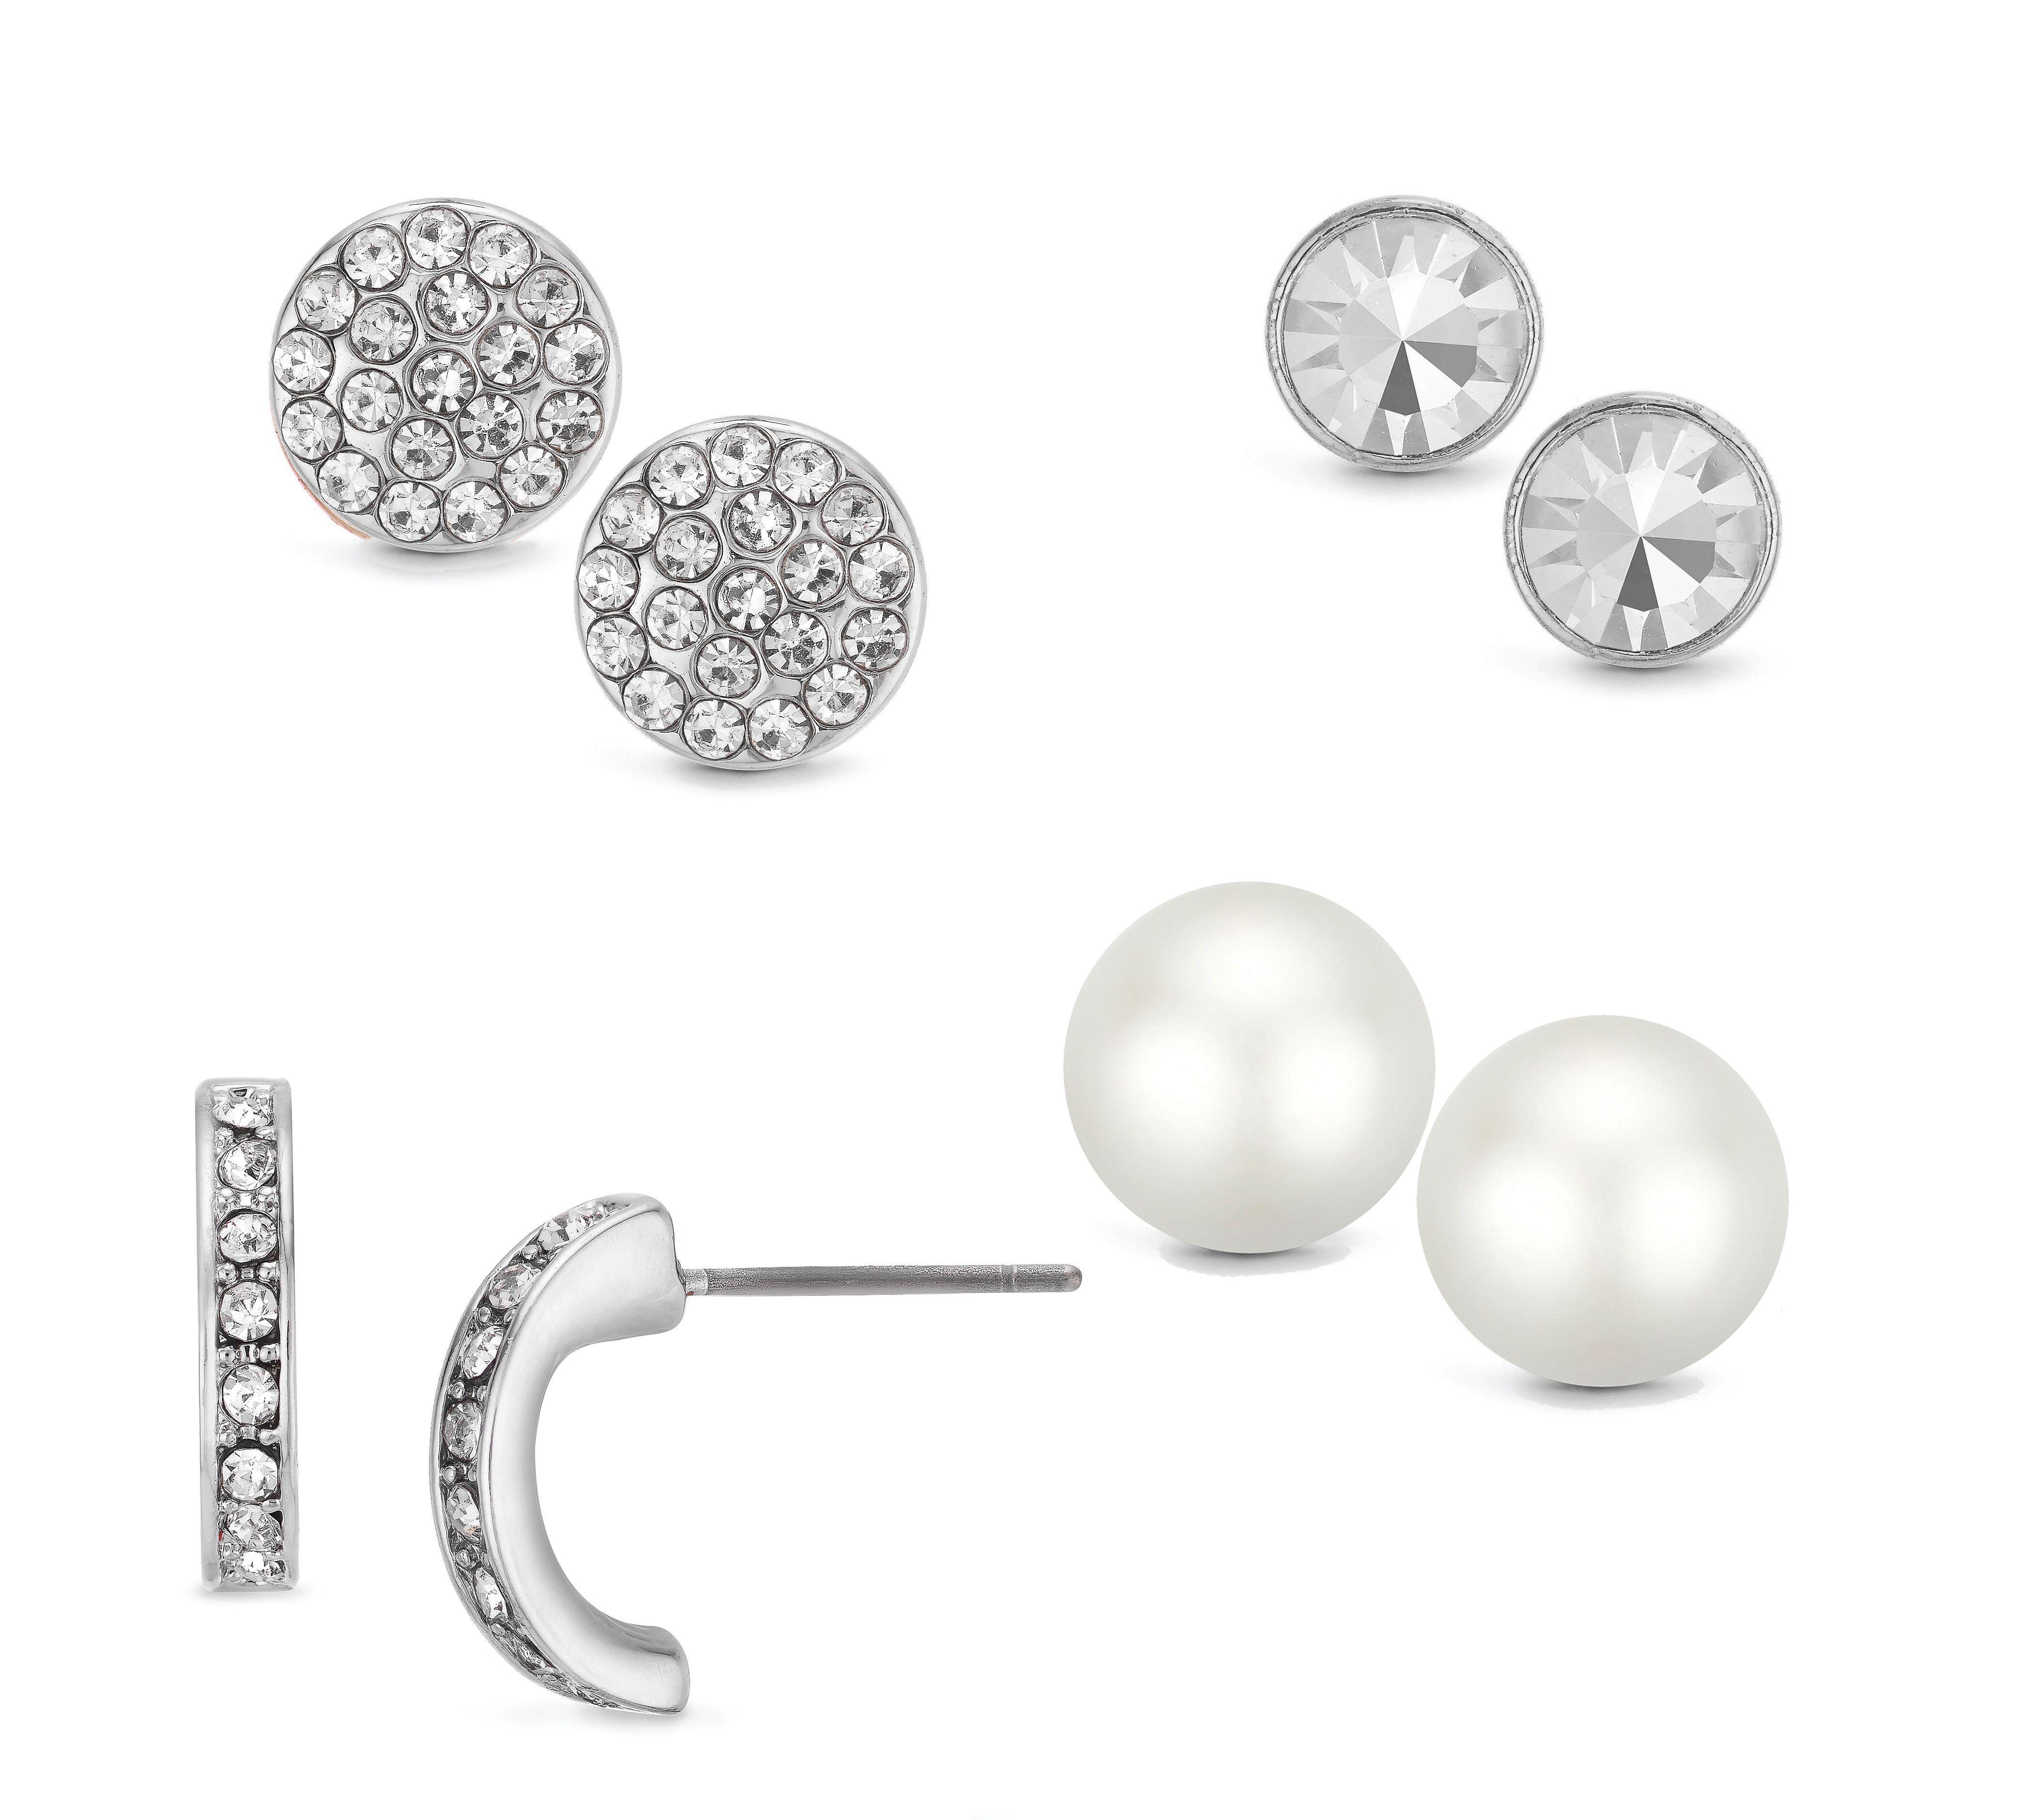 Buckley London Four Piece Silver Earrings Set